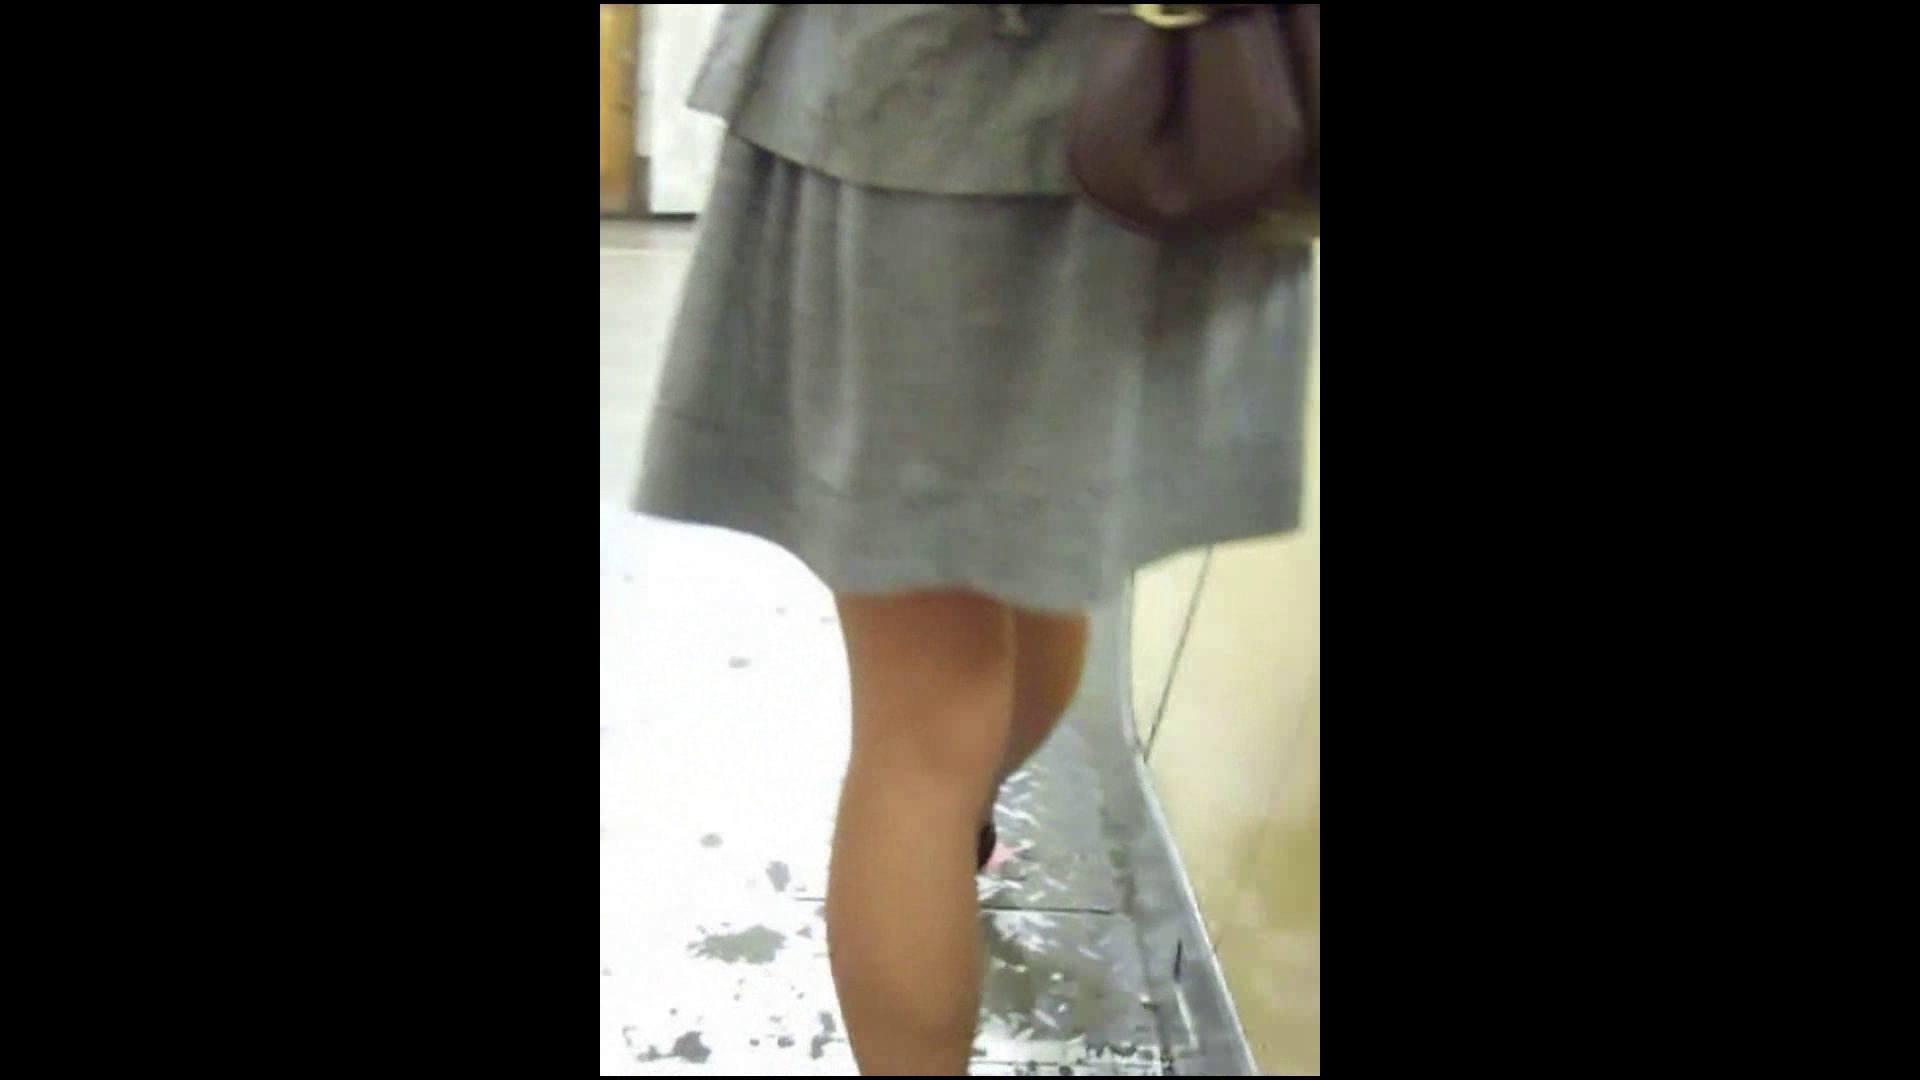 綺麗なモデルさんのスカート捲っちゃおう‼vol06 美しいOLの裸体 | お姉さん丸裸  103pic 58